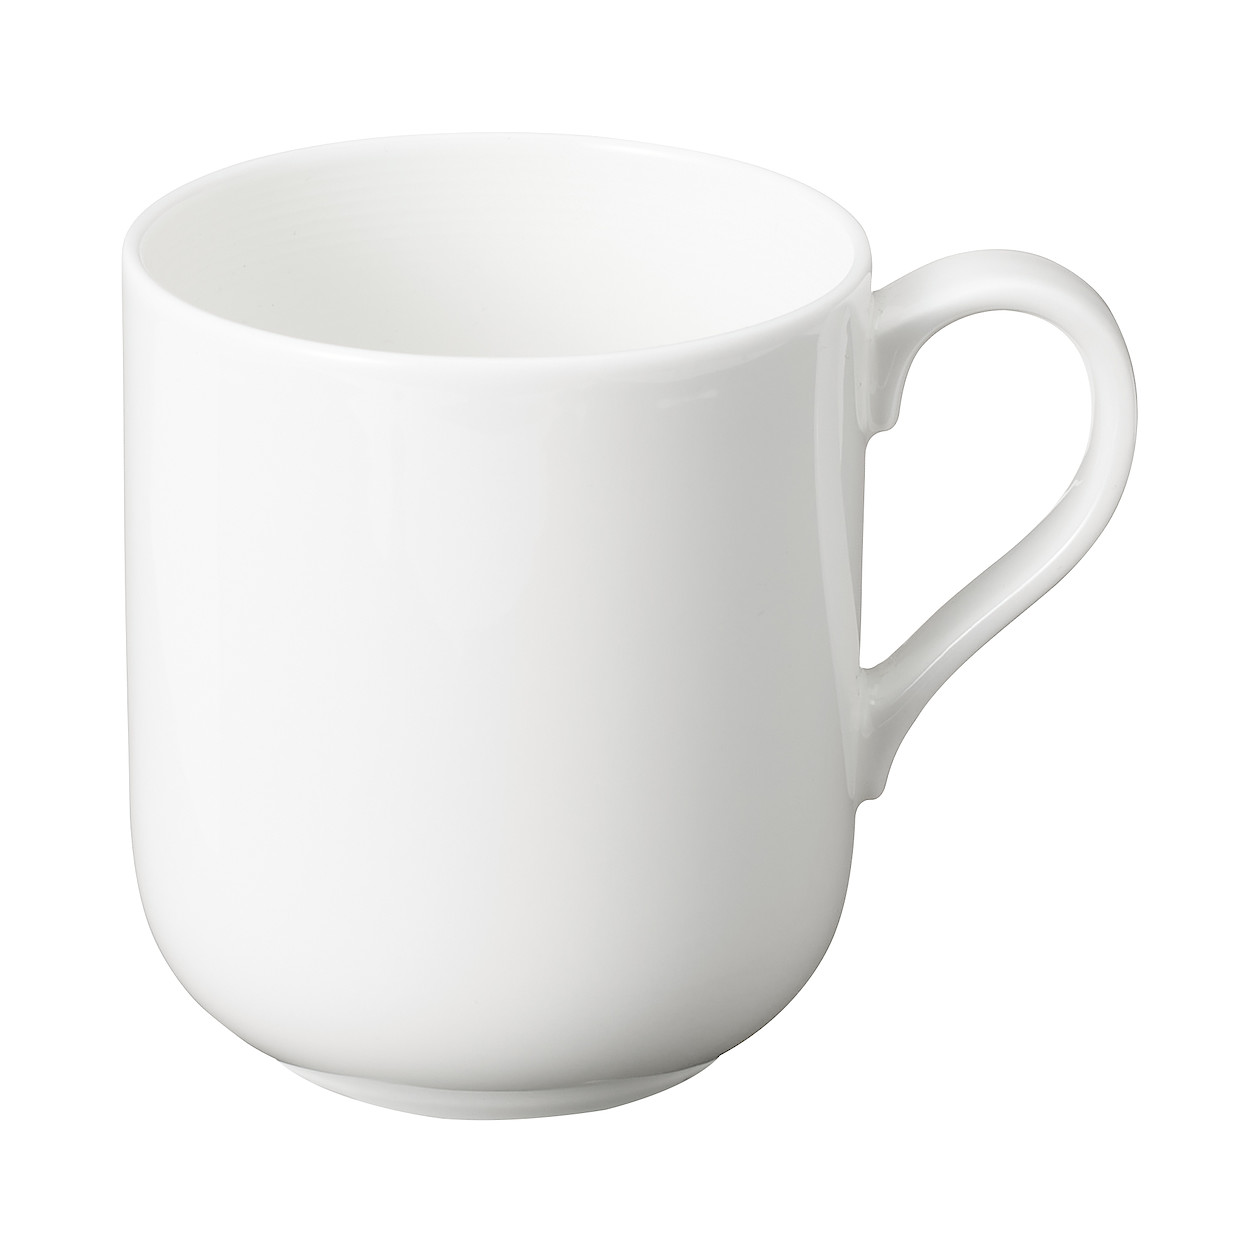 ボーンチャイナ マグカップ